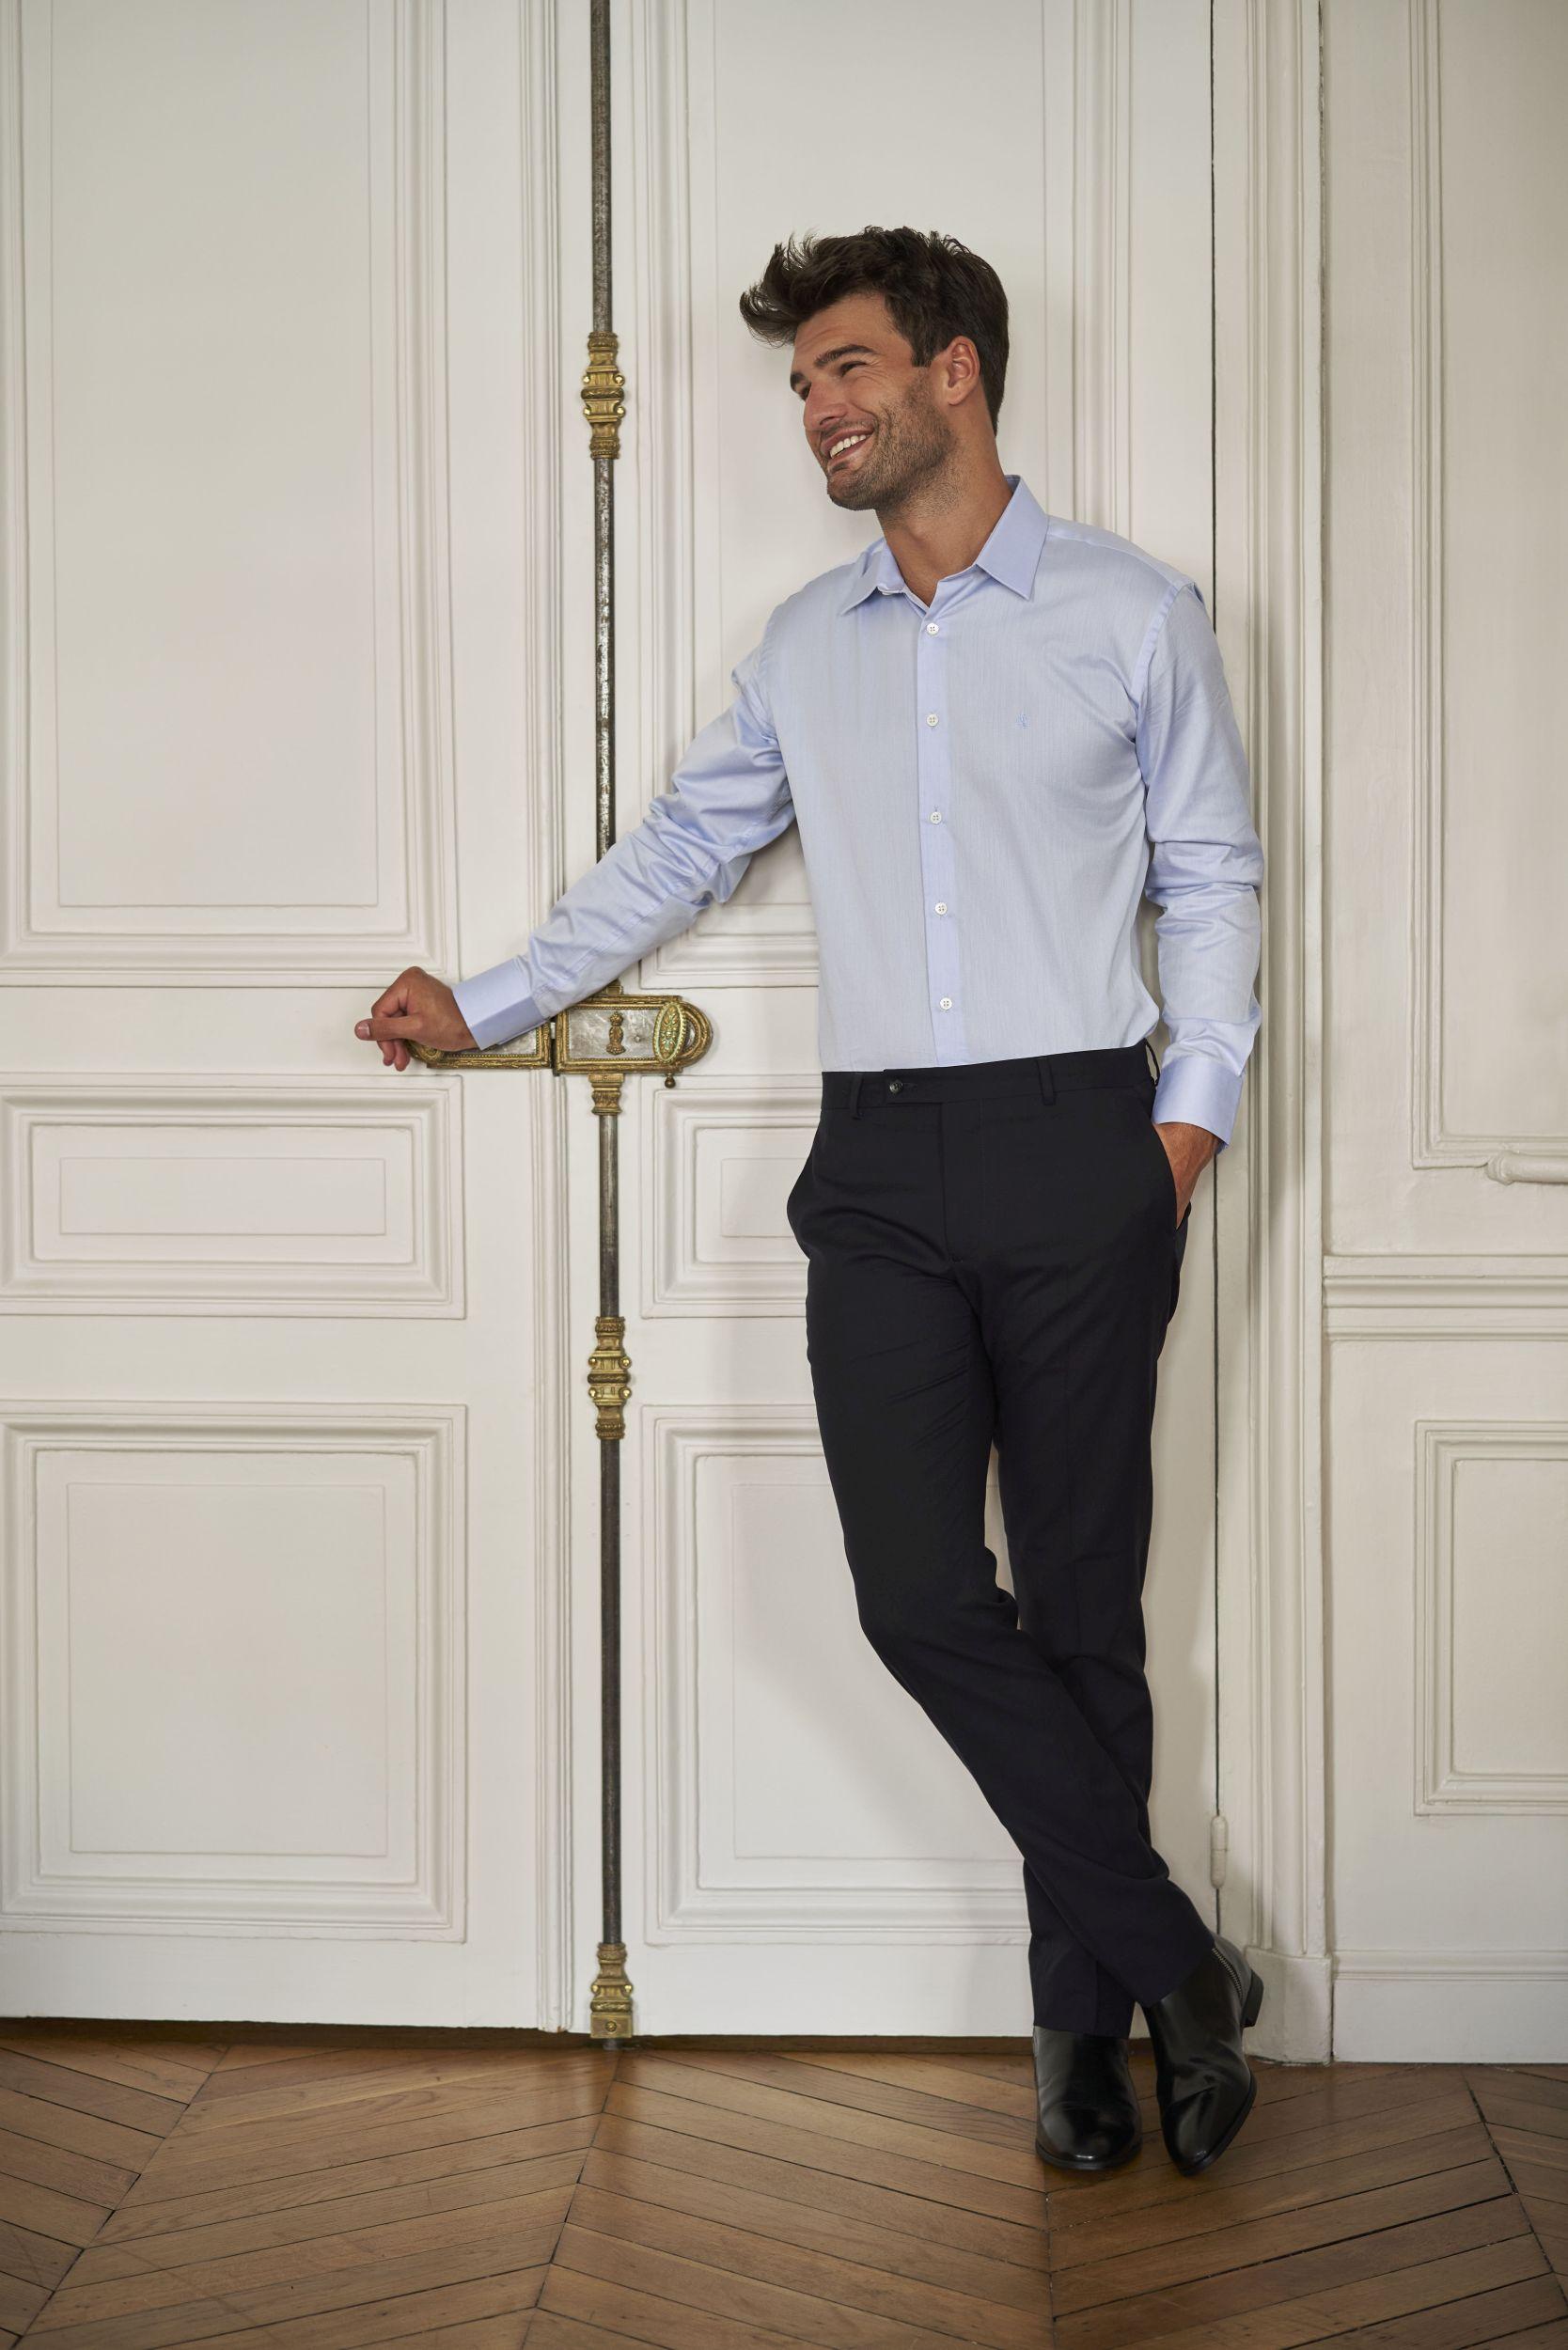 Lautrec_chemise formelle tissu italien Albini coton bio GOTS bleu ciel_pantalon de ville laine éthique confection Portugal_Porté par Manu Noraced dans un intérieur haussmanien